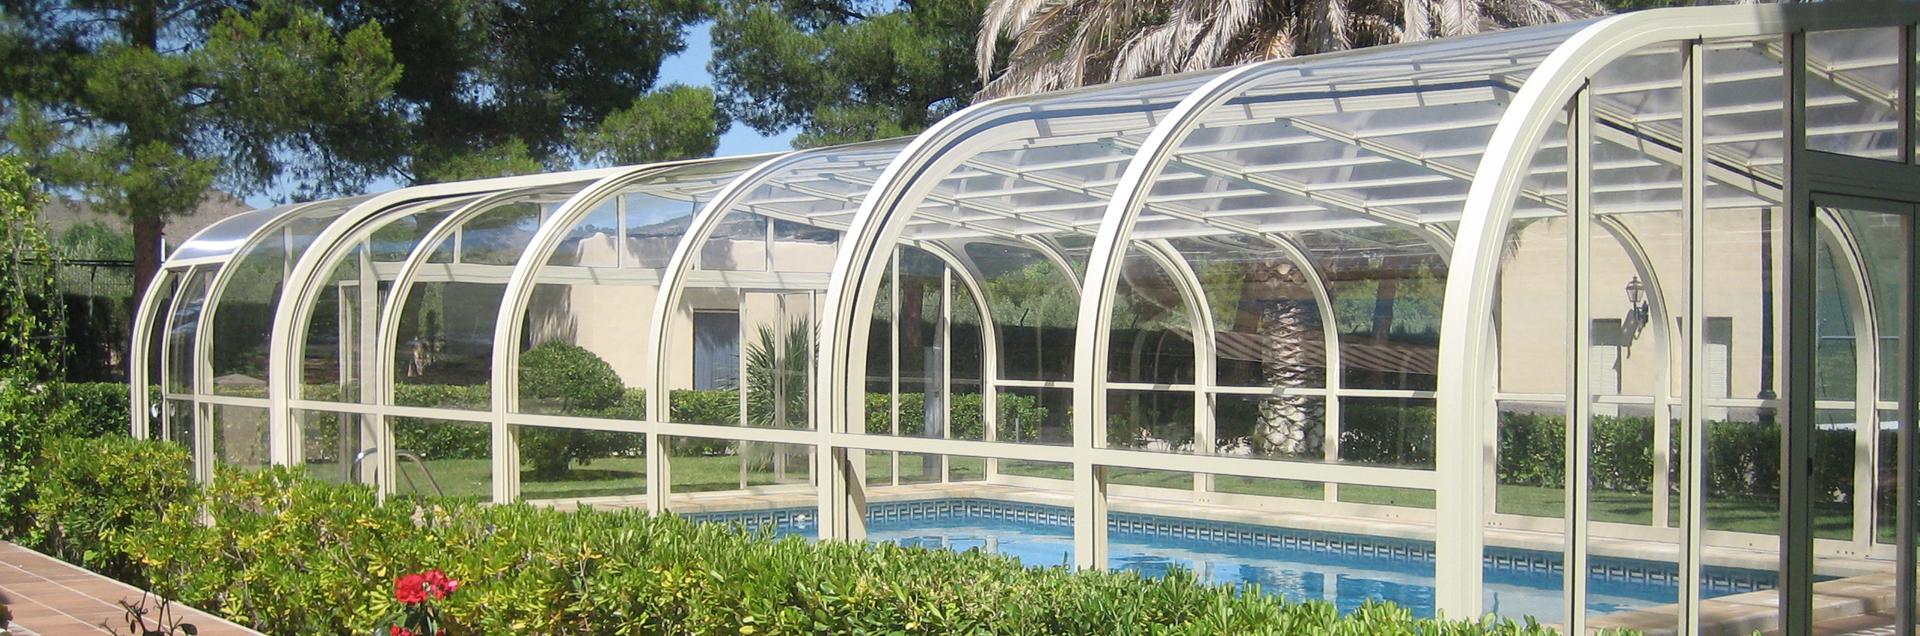 Vegametal swimming pool enclosure